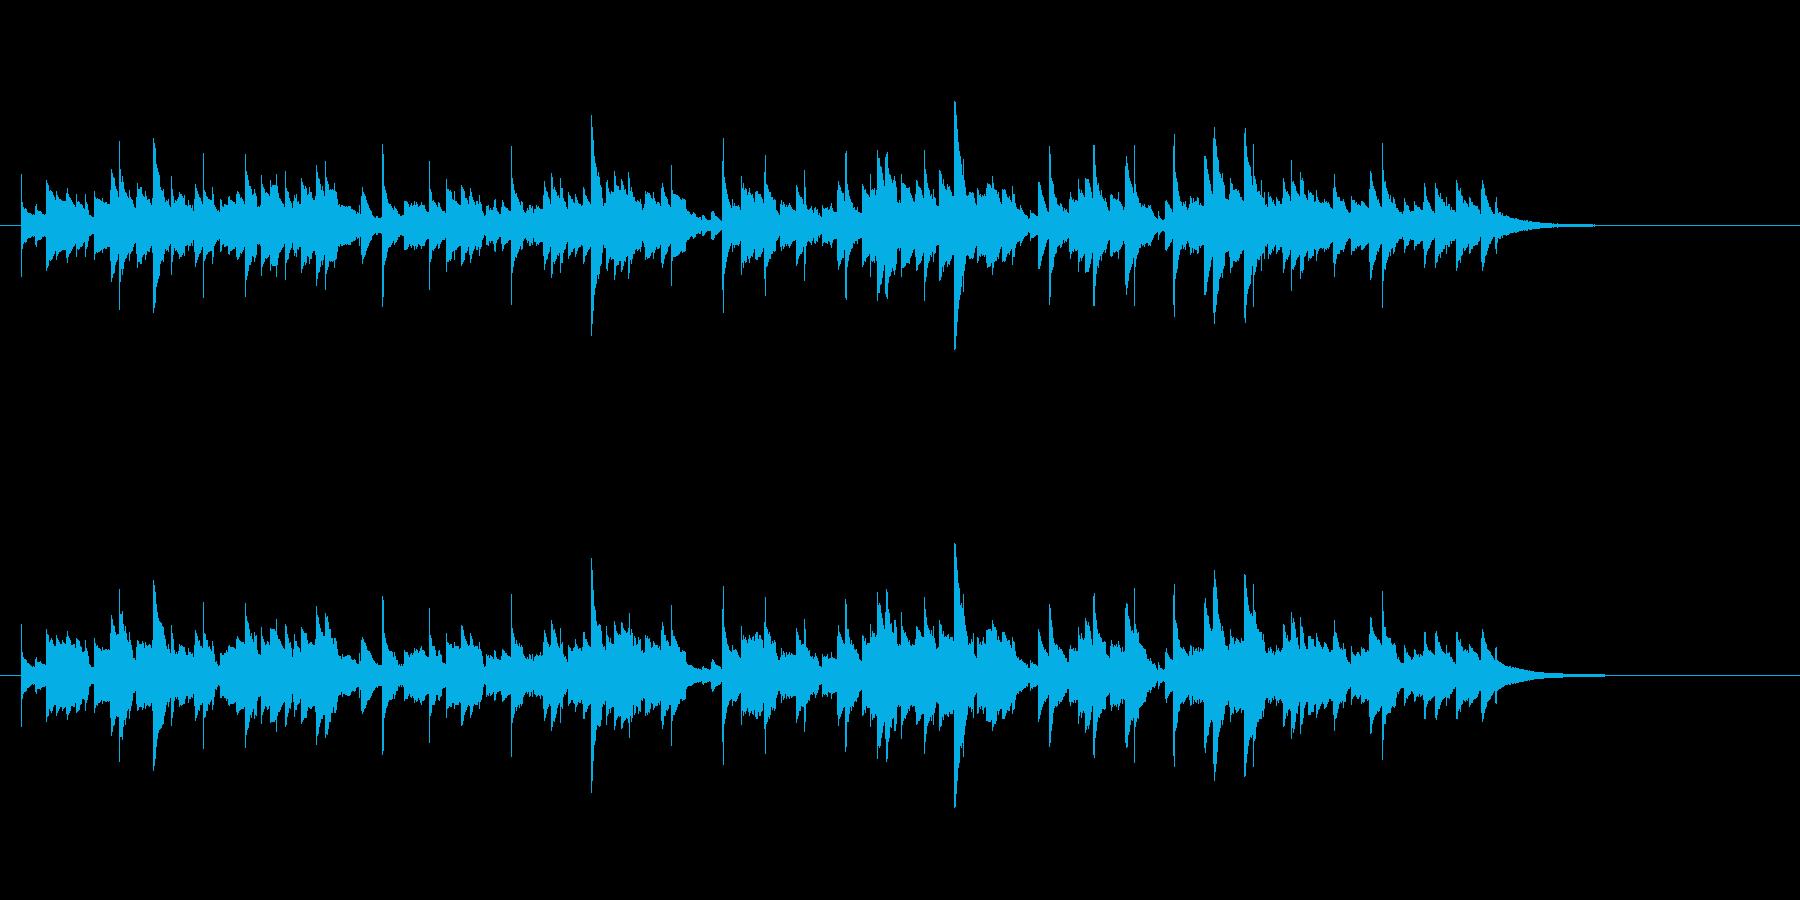 ウクレレ1本のみ(アルペジオ系メロディ)の再生済みの波形